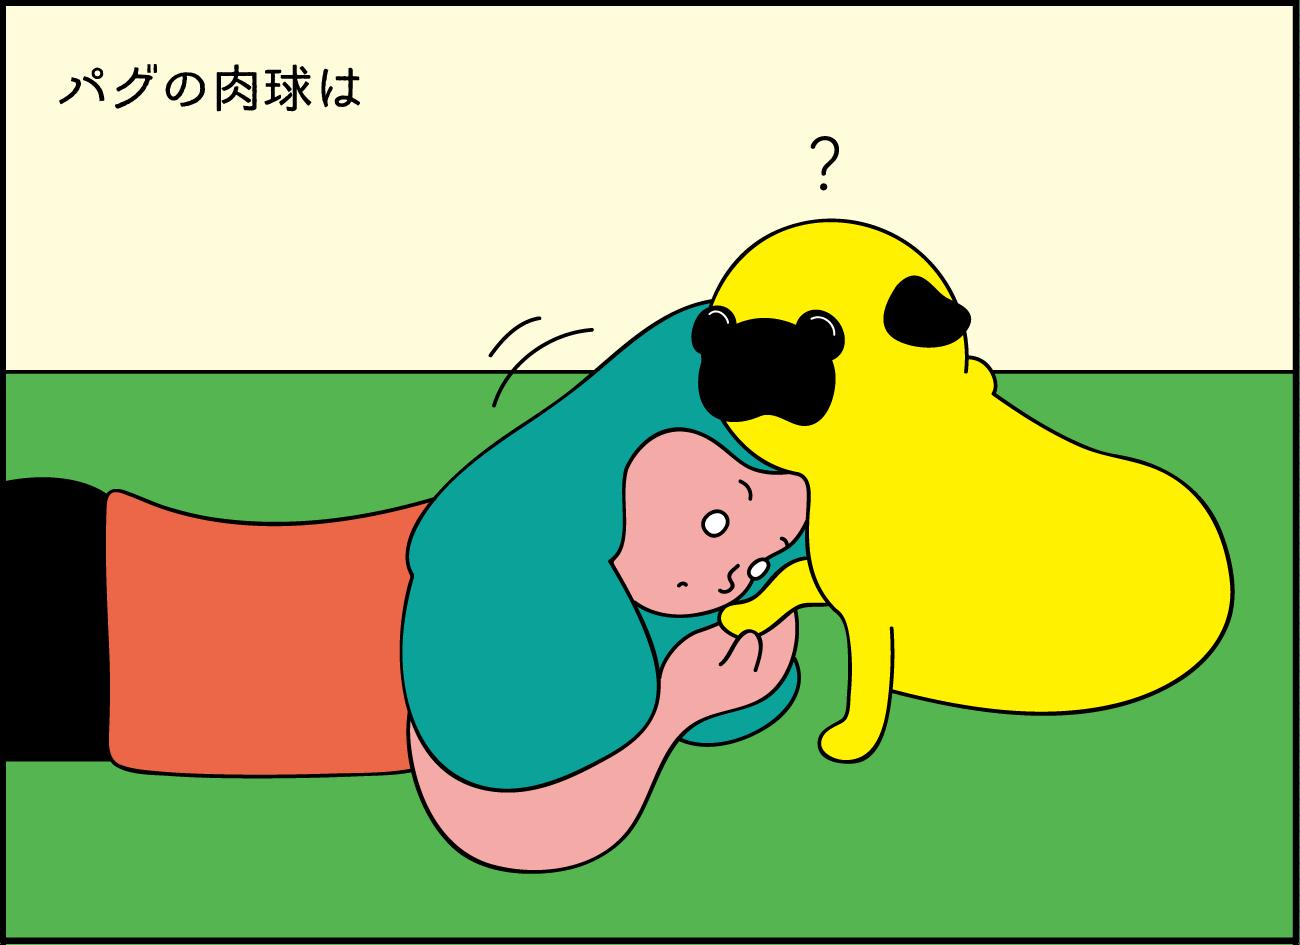 肉球【ほのぼの系Daily Comic/パグとわたし】